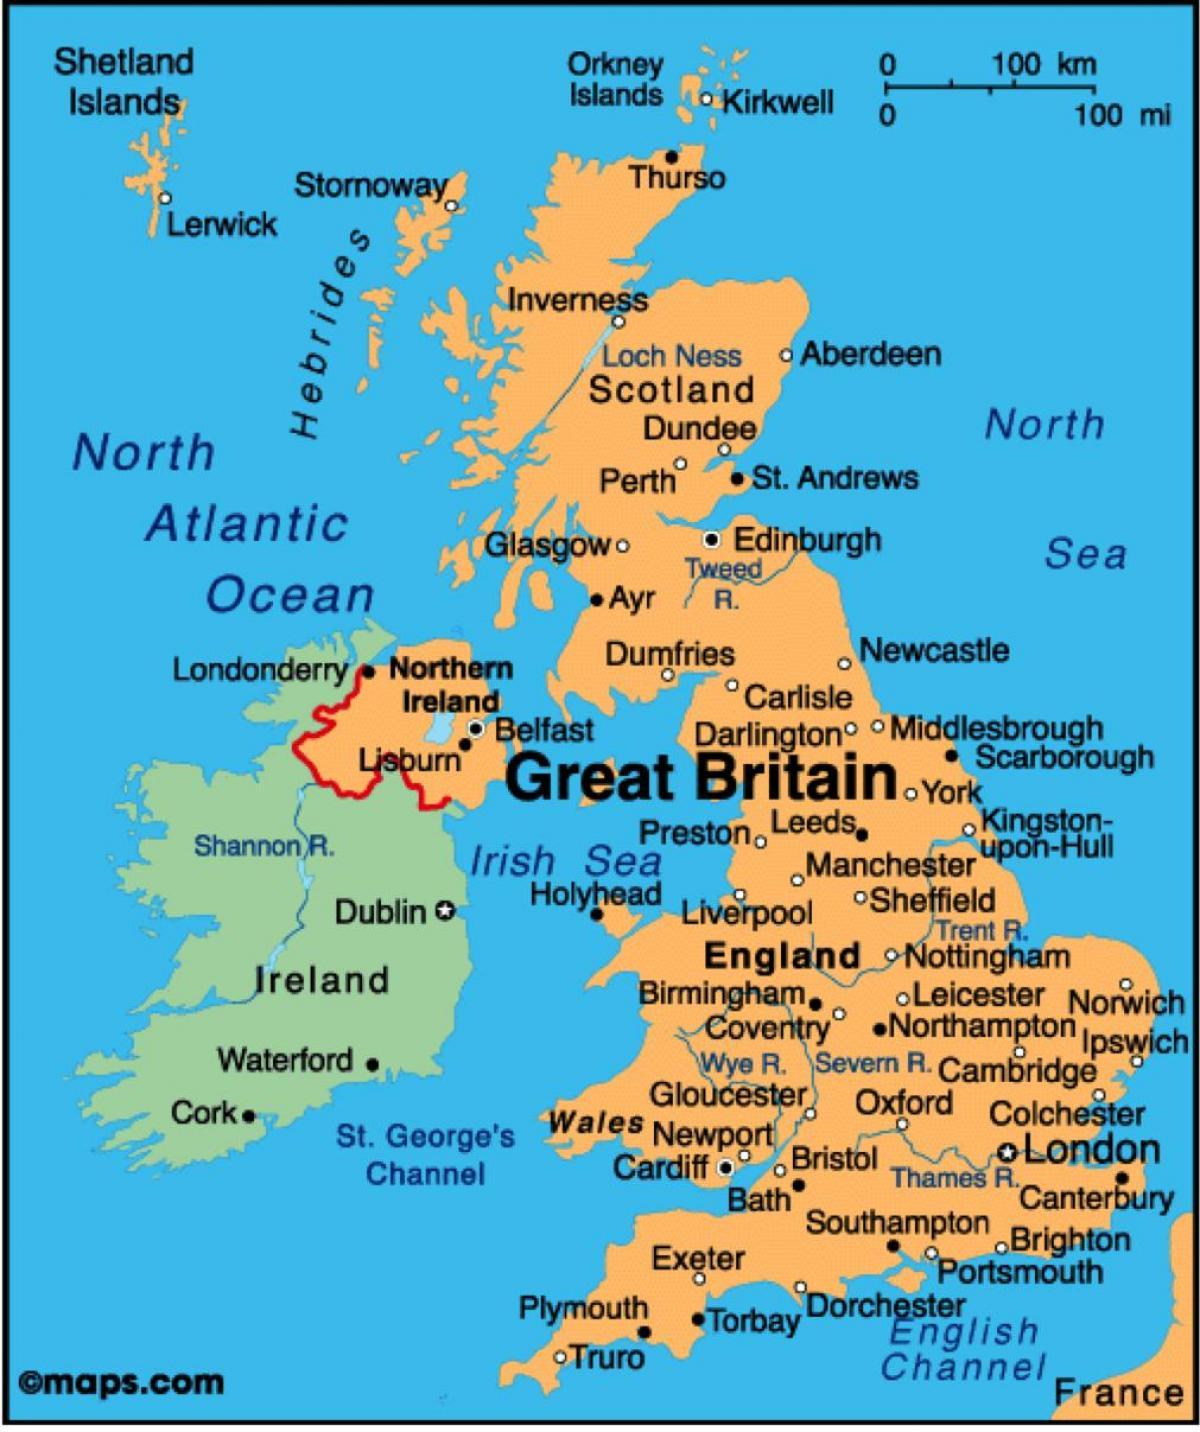 Kort Over Storbritannien Vis Mig Et Kort Over Det Forenede